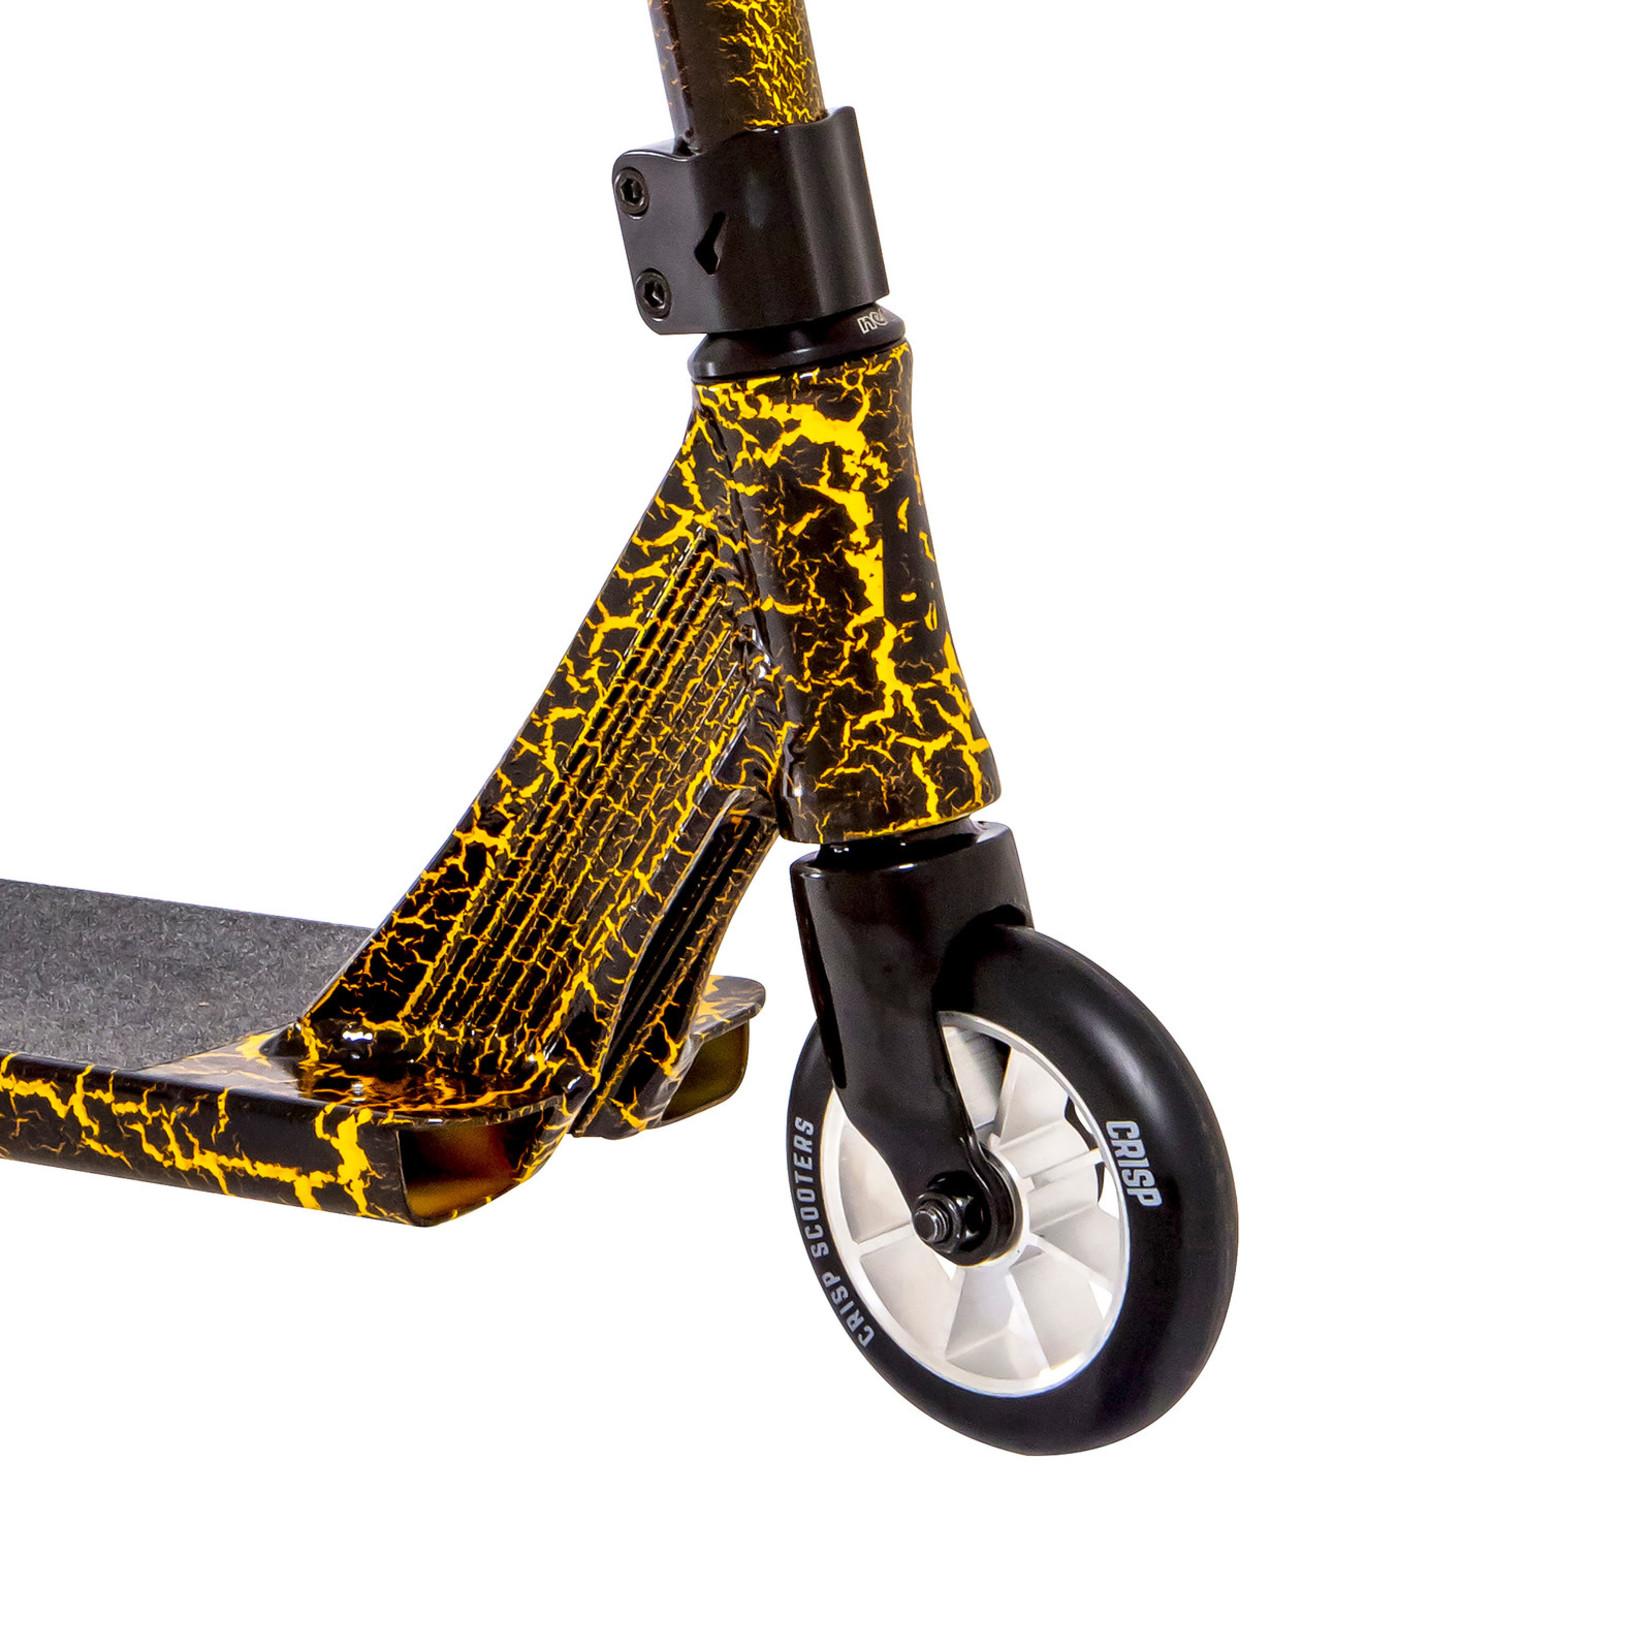 CRISP Crisp Inception Scooter Gold Crackling